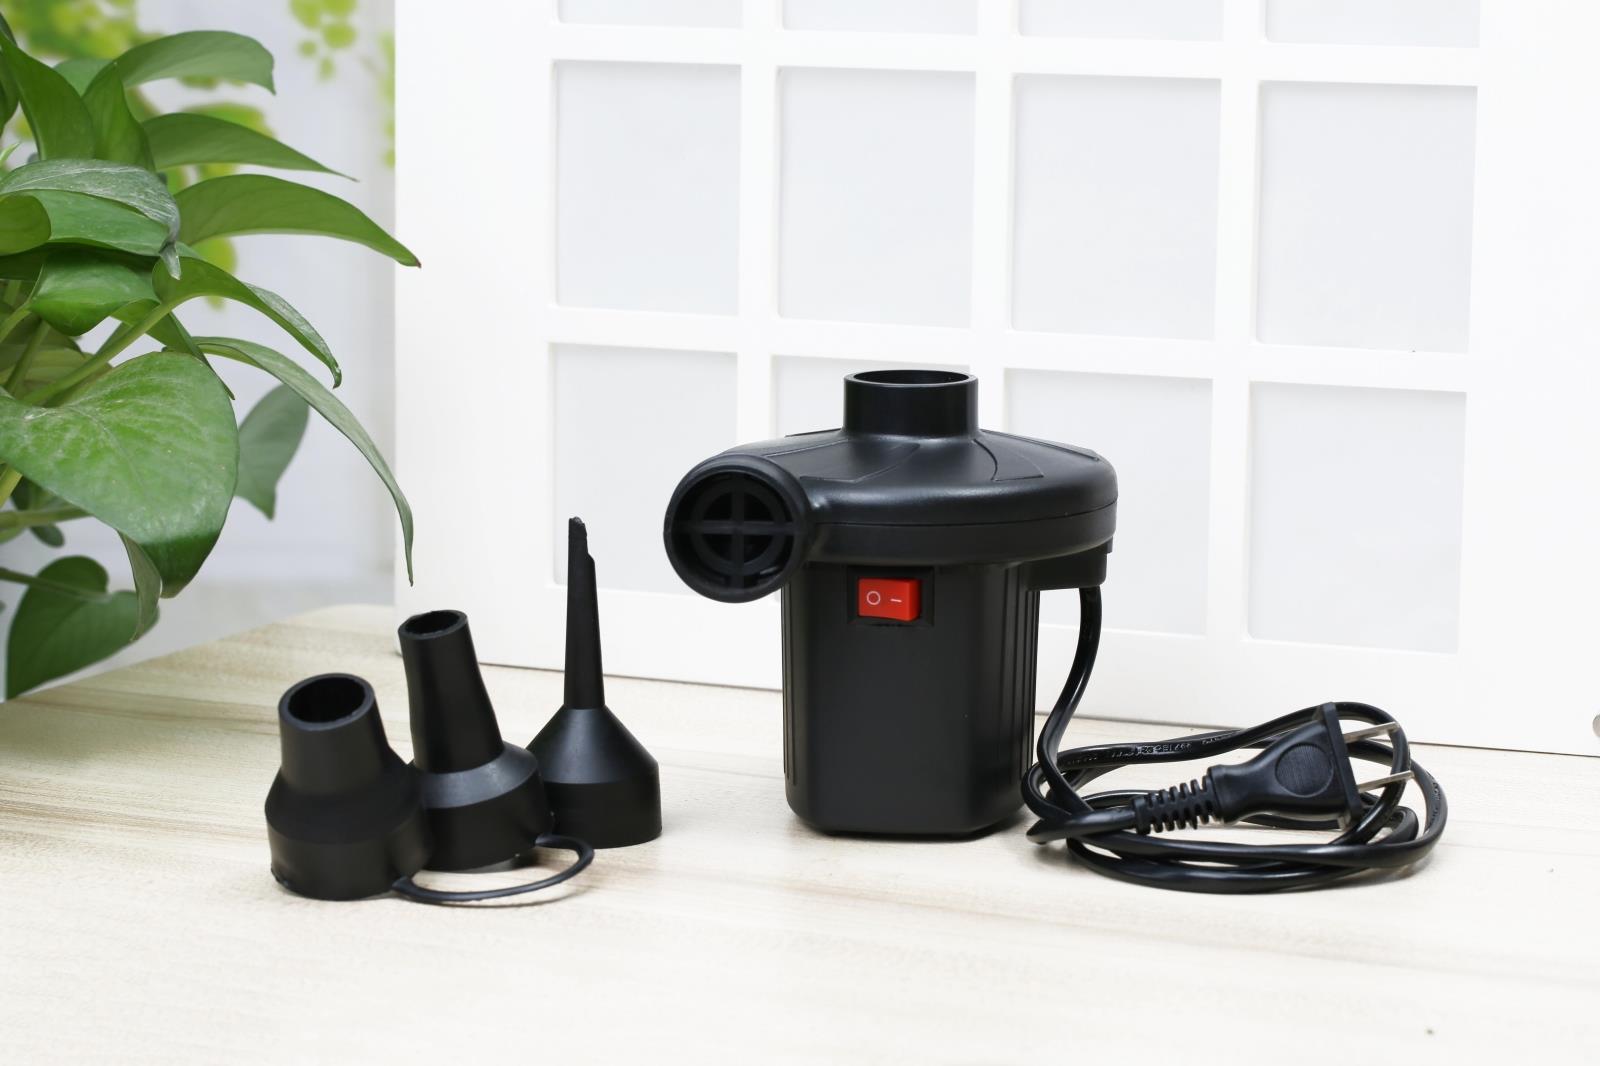 вакуумна помпа със сак помпа електрическа помпа за зареждане на превозното средство за битови детски басейн помпа